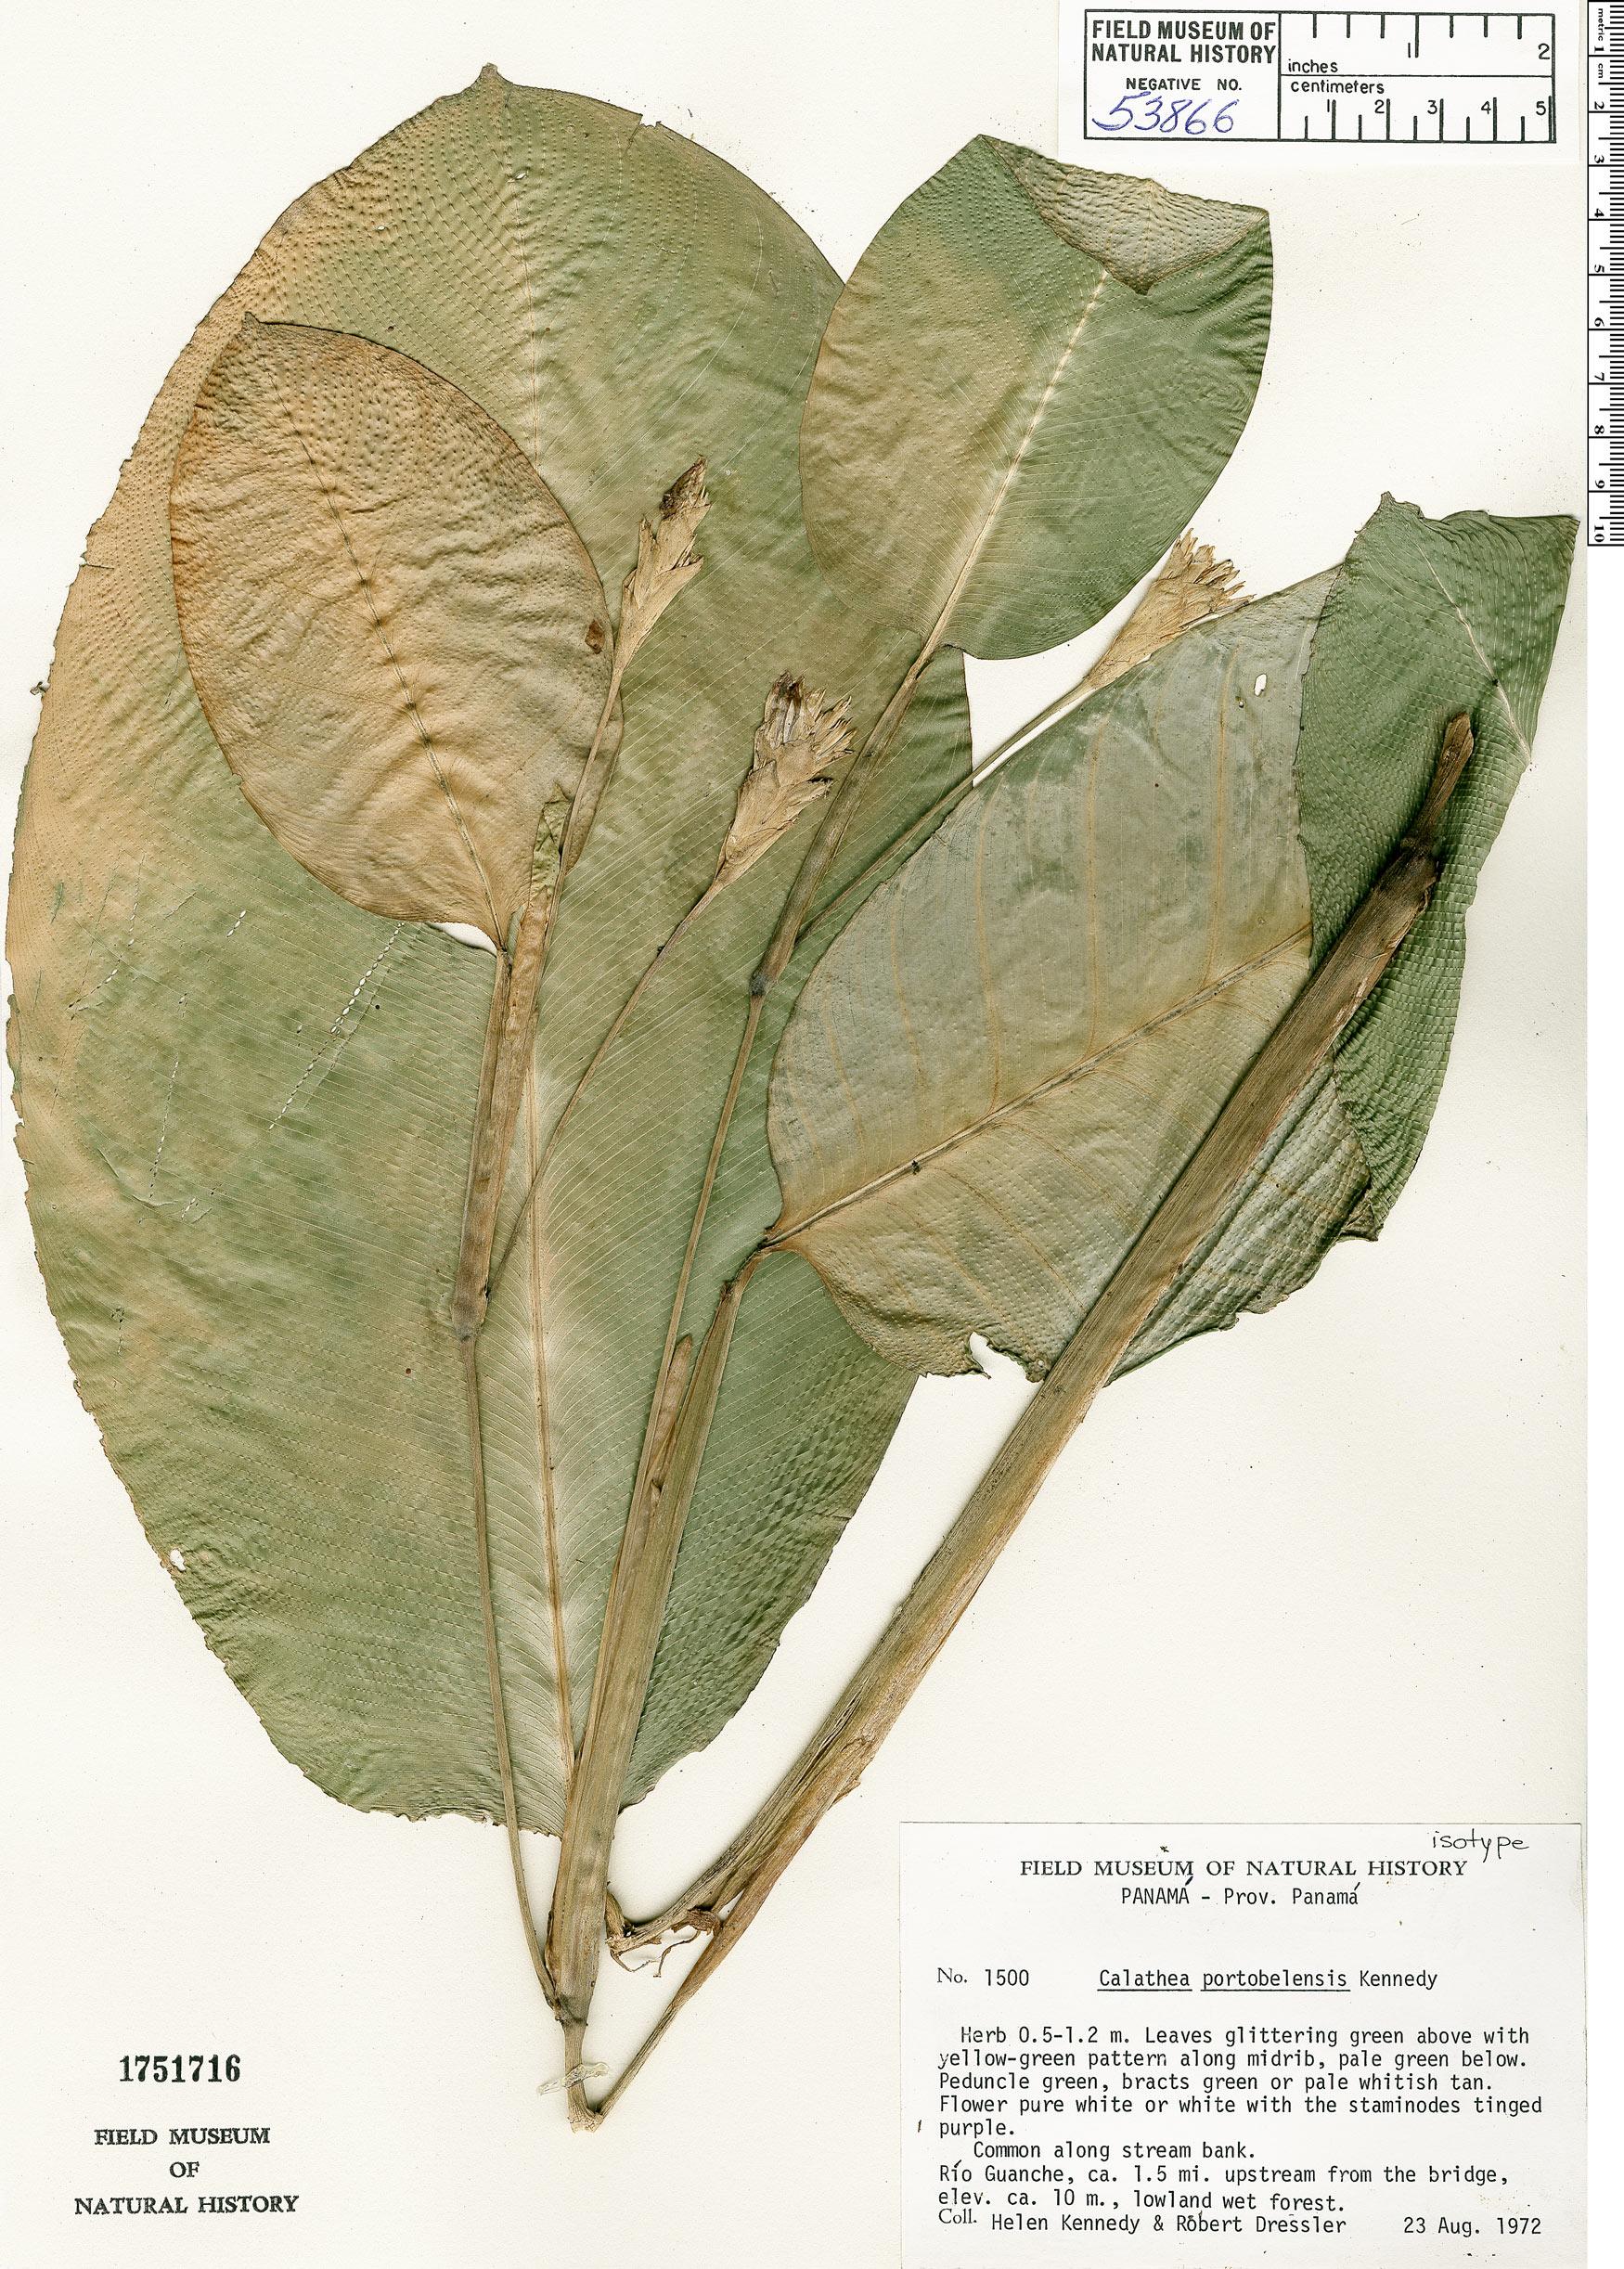 Specimen: Calathea portobelensis